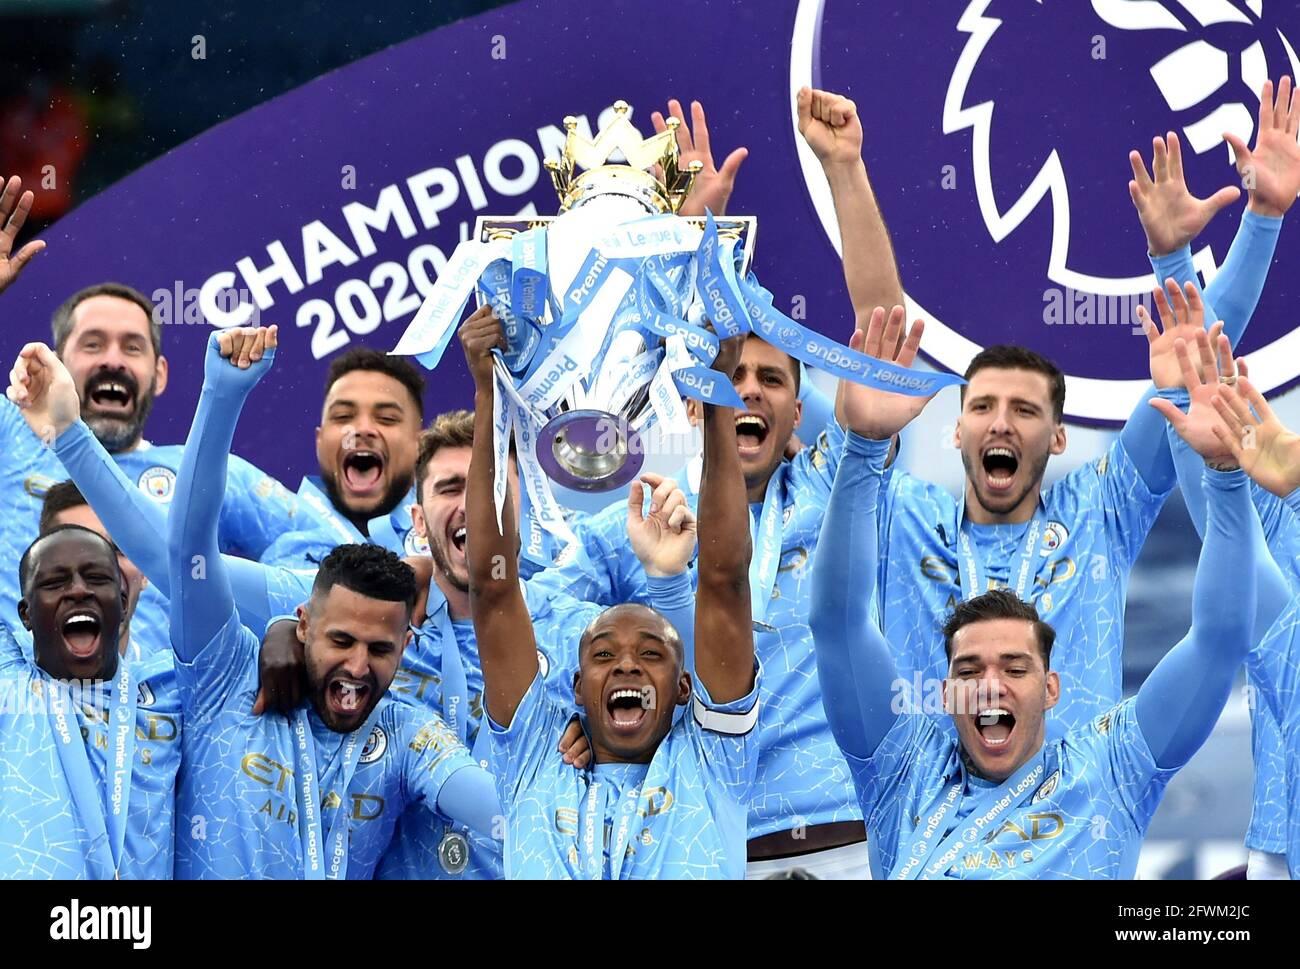 FernandInha von Manchester City hebt die Trophäe nach dem Premier League-Spiel im Etihad Stadium in Manchester an. Bilddatum: Sonntag, 23. Mai 2021. Stockfoto